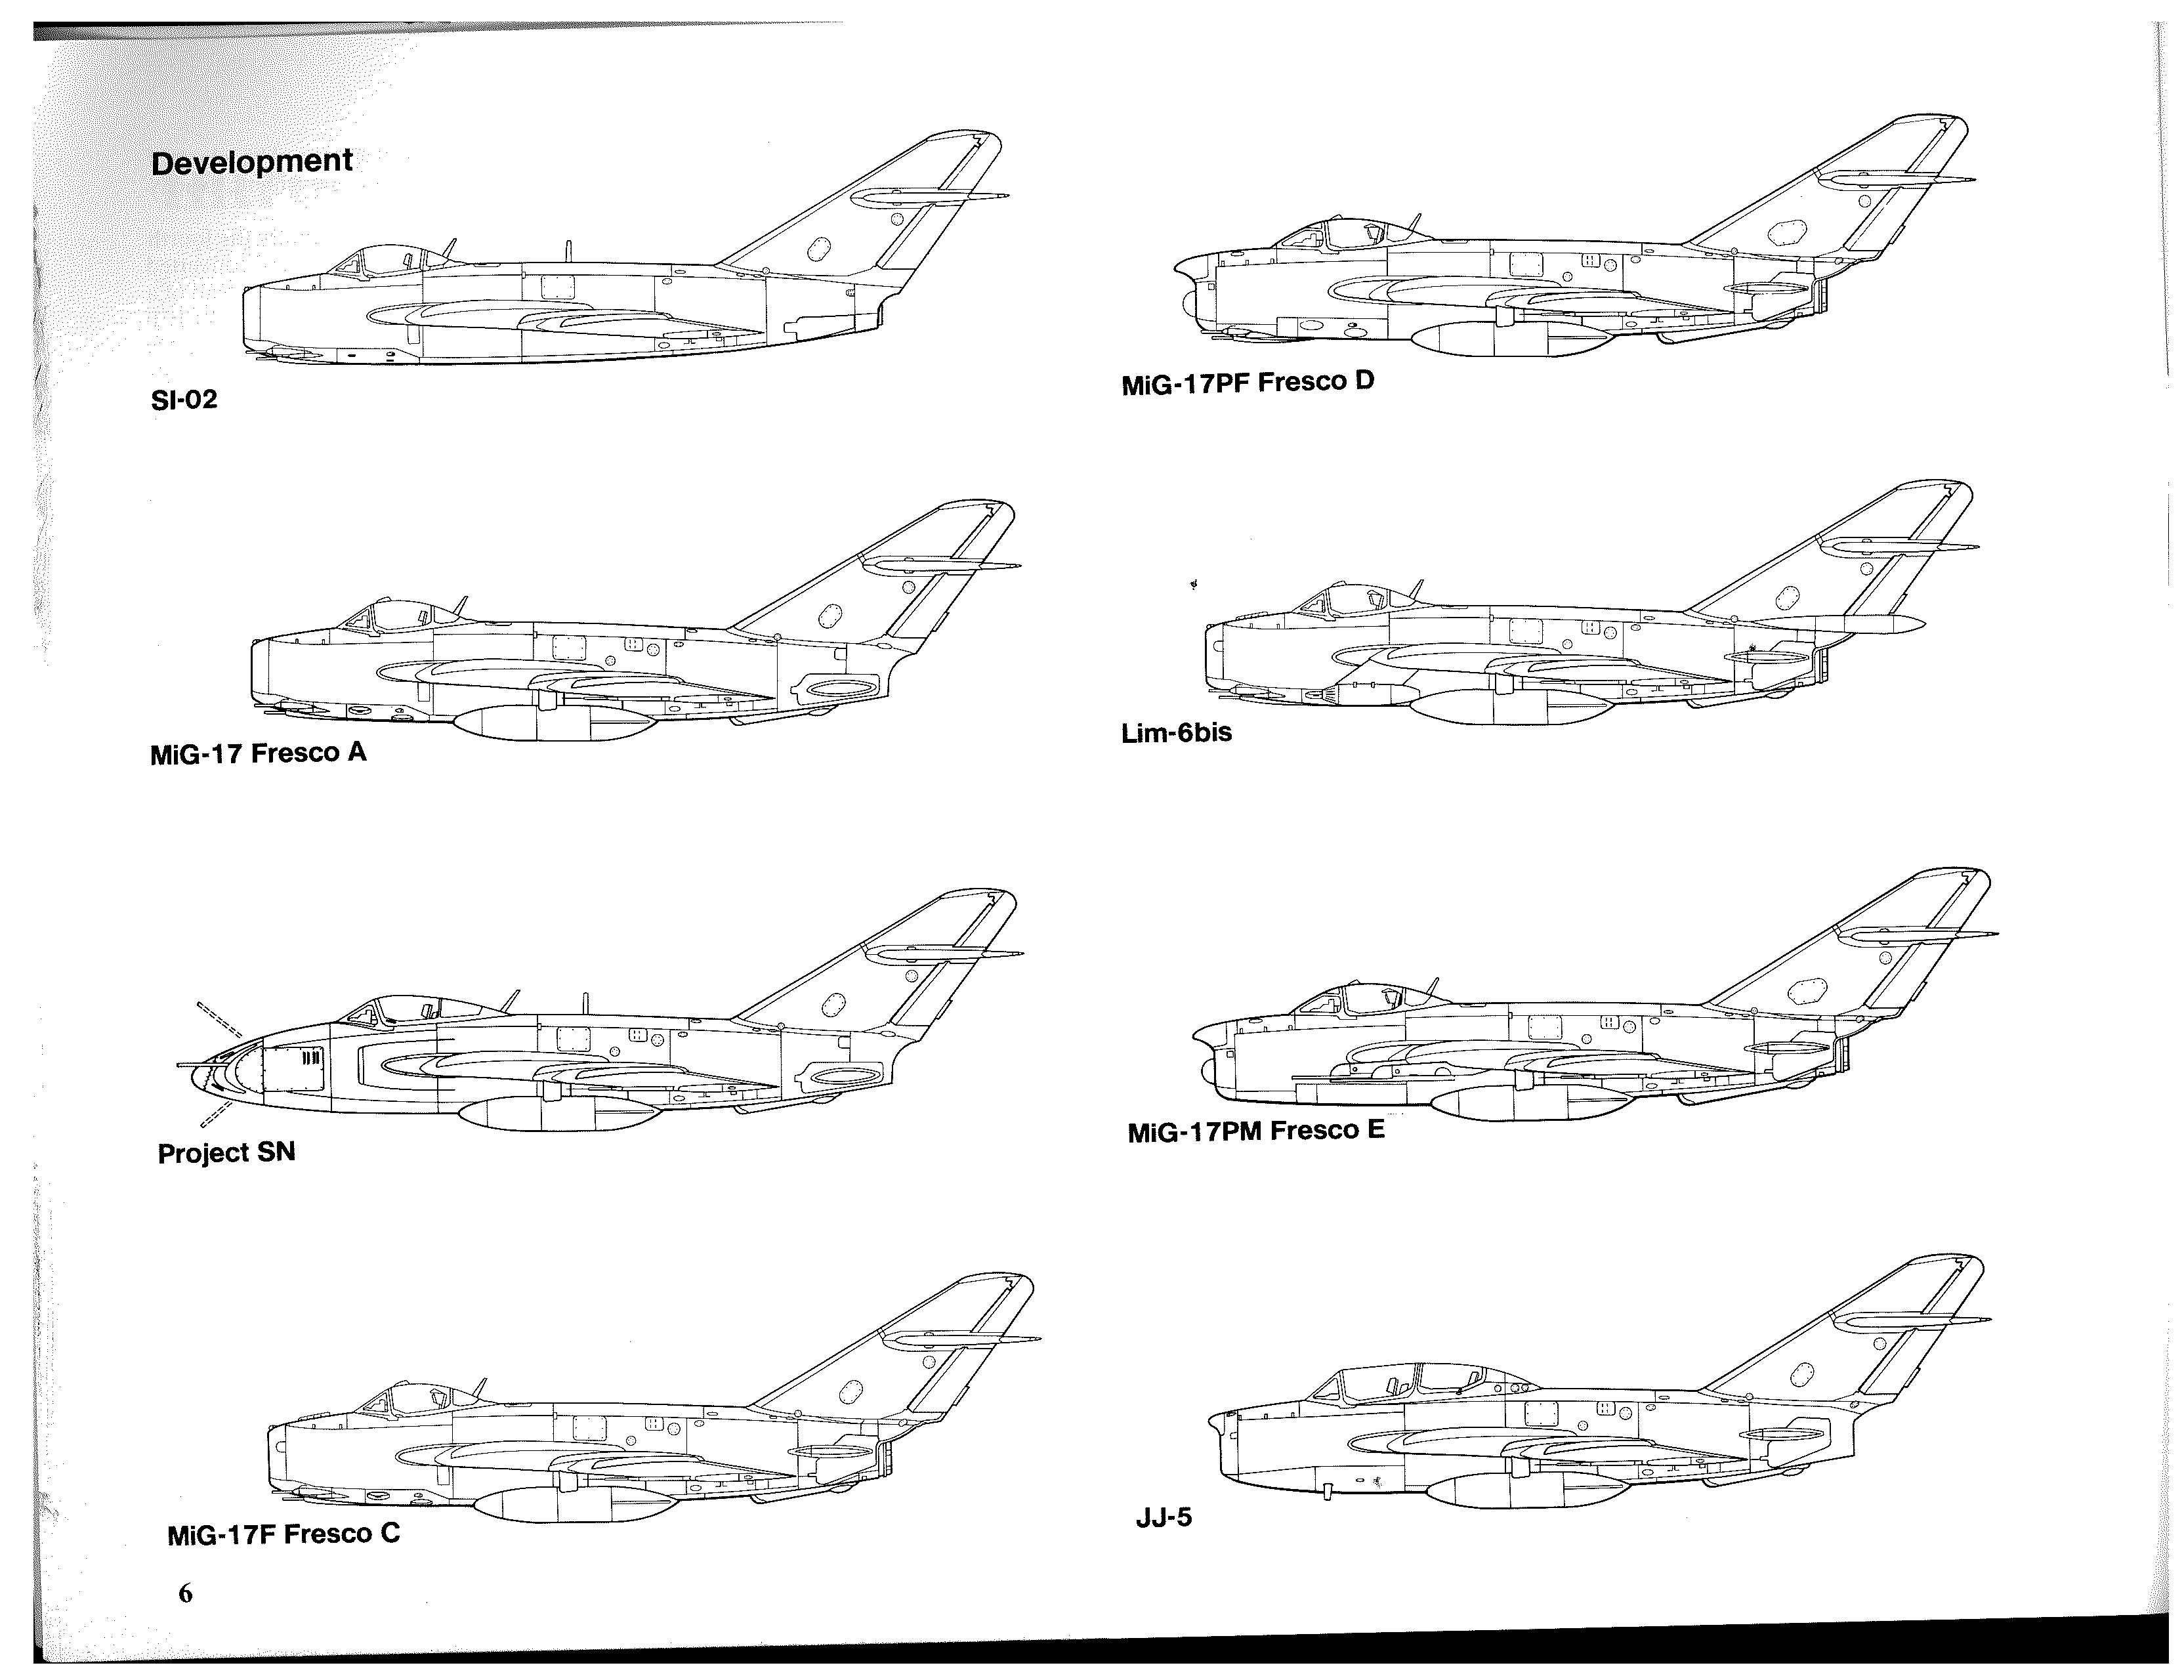 MiG-17 drawings